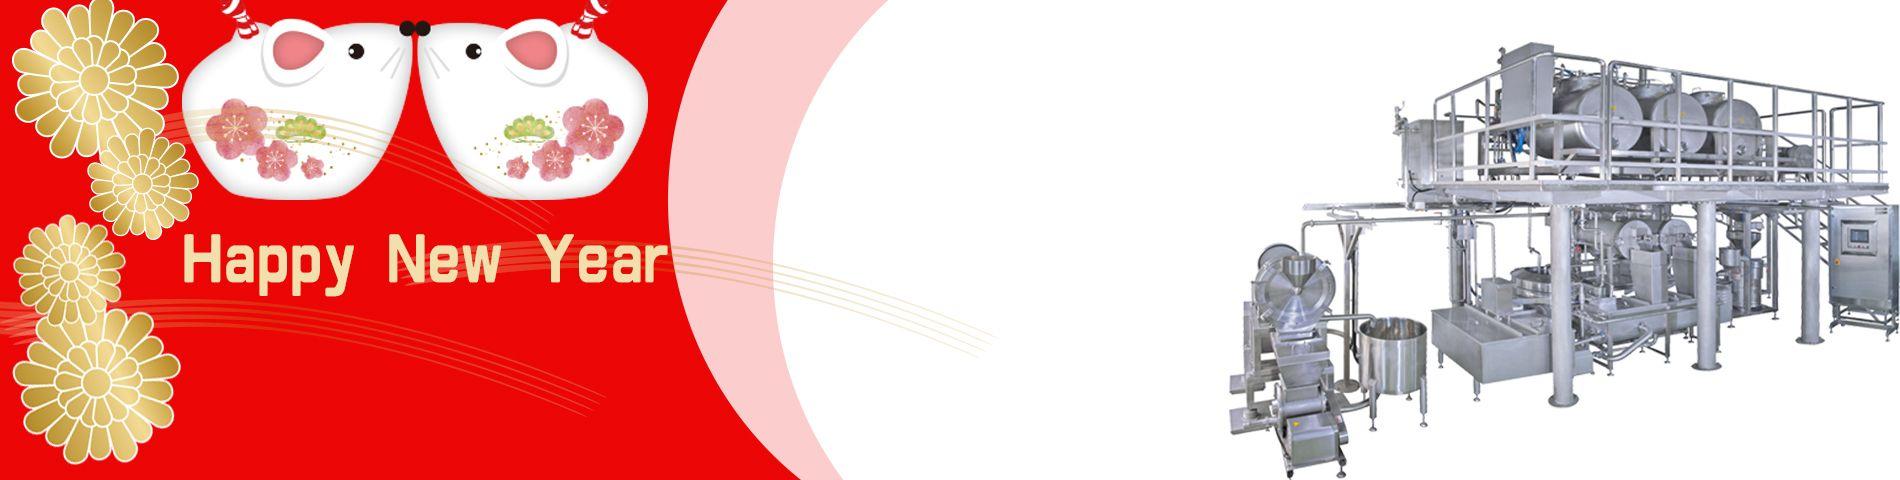 సోయా ఆధారిత ఆహార ఉత్పత్తి మార్గం    ప్రోటీన్ వెలికితీత రేటు పెంచండి    మీ ఉత్పత్తి మార్గాన్ని ఆప్టిమైజ్ చేయండి